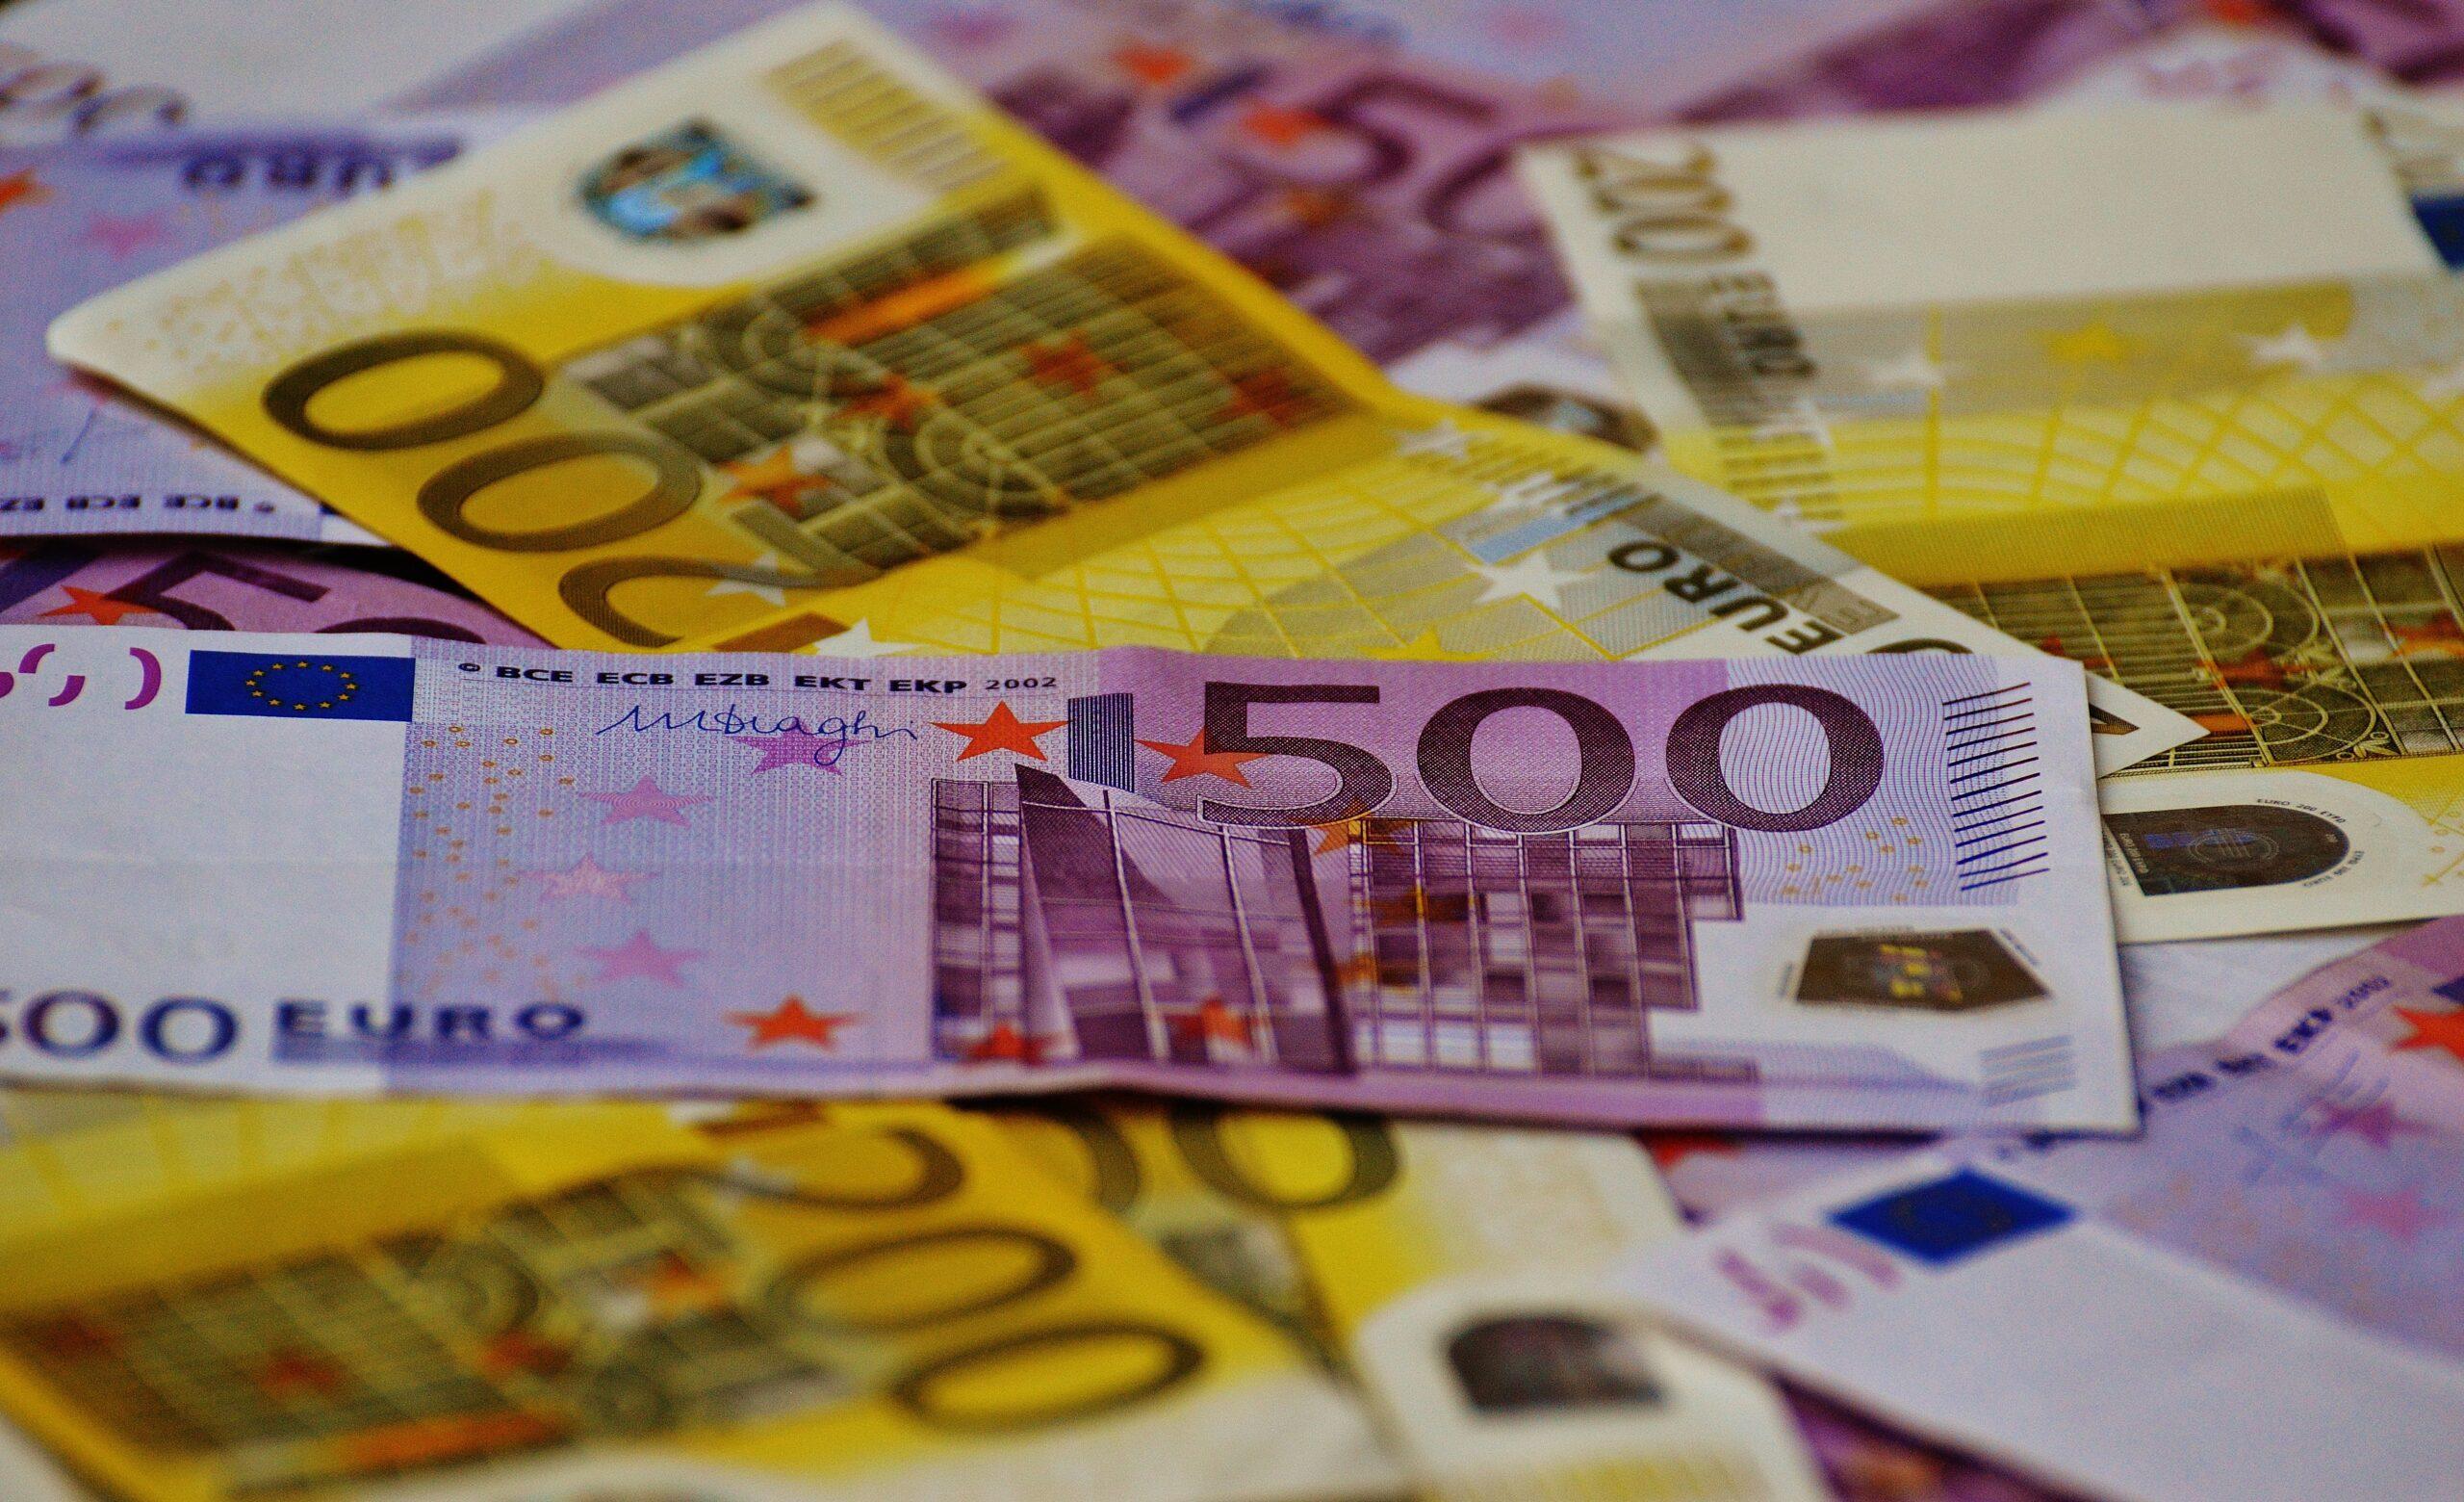 Vemos várias notas de dois tipos: 200 euros e 500 euros, remetendo a diferença entre investidor qualificado e investidor profissional.